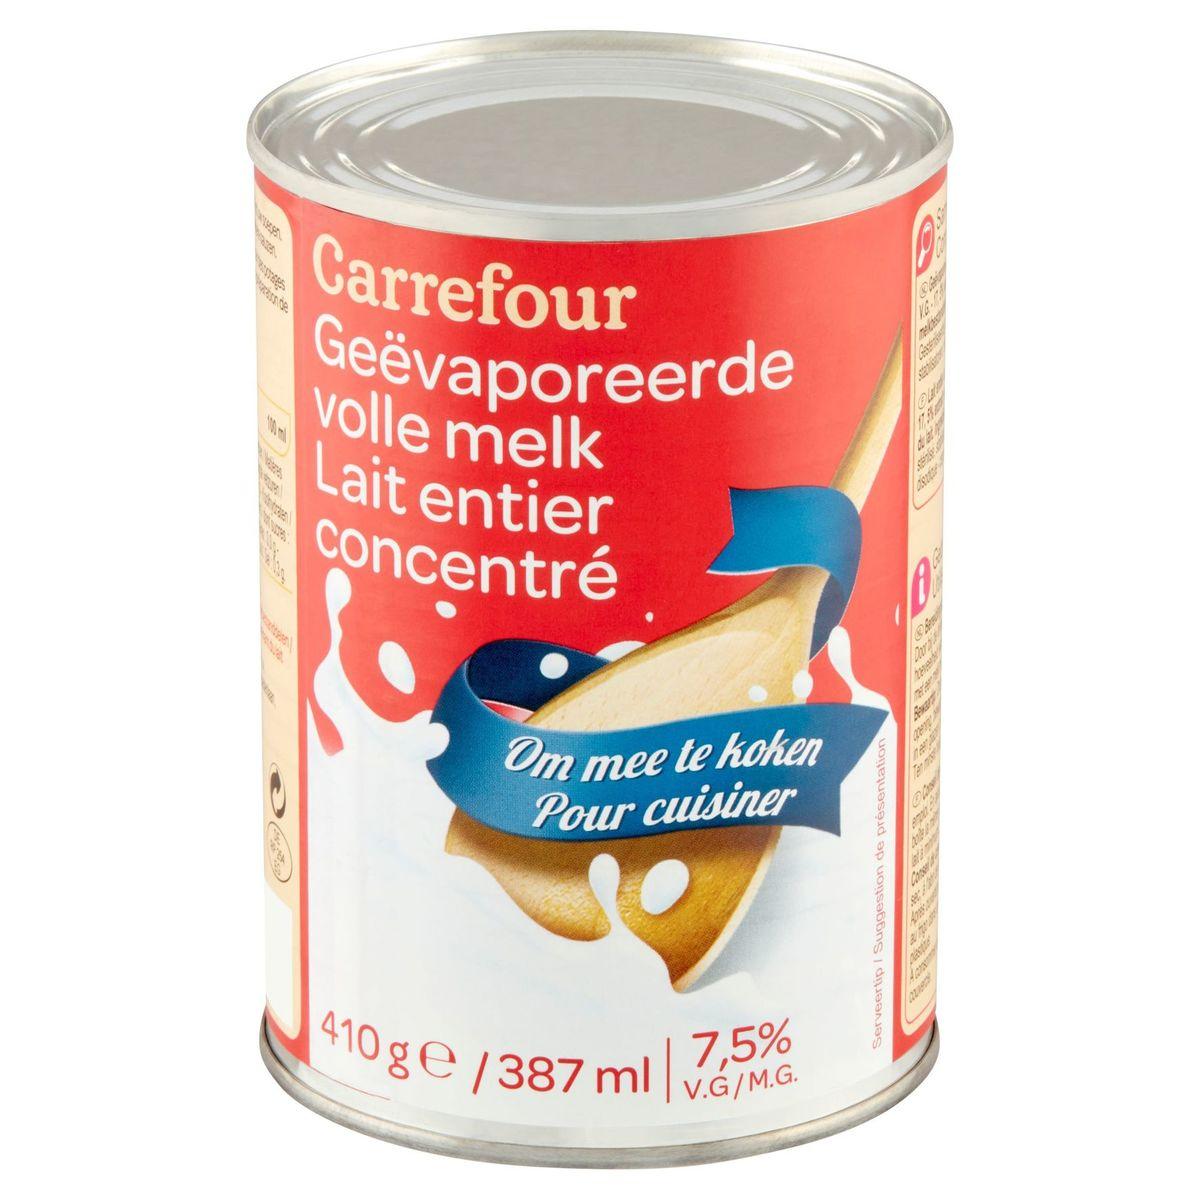 Carrefour Lait Entier Concentré 7.5% M.G. 387 ml